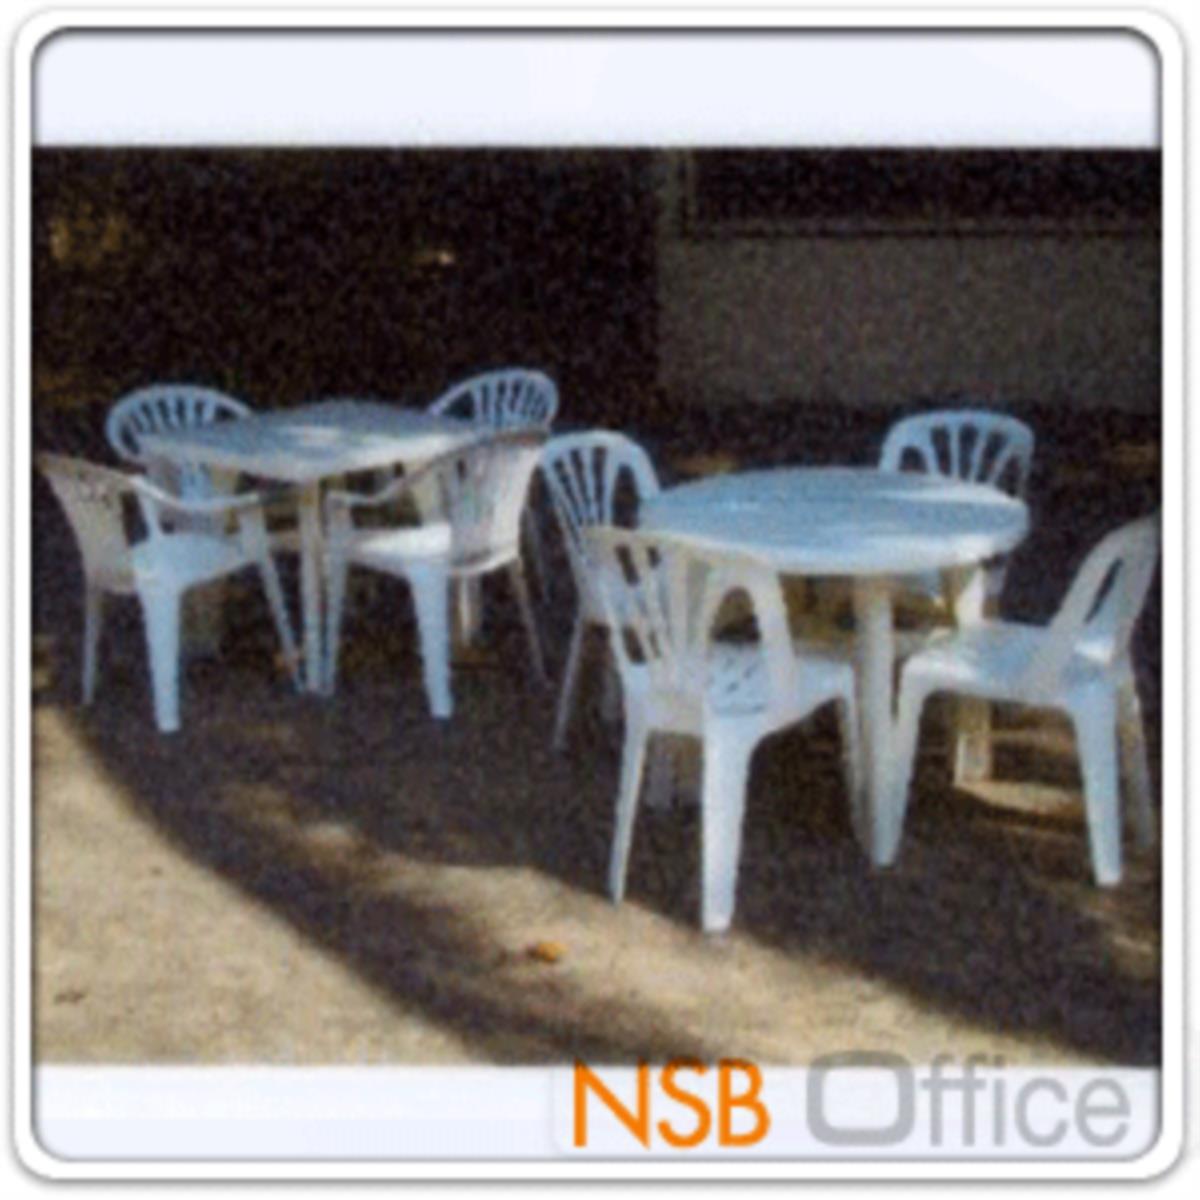 โต๊ะหน้าพลาสติก รุ่น TOTO-ROUND  ขนาด 88W cm.  ขาพลาสติก